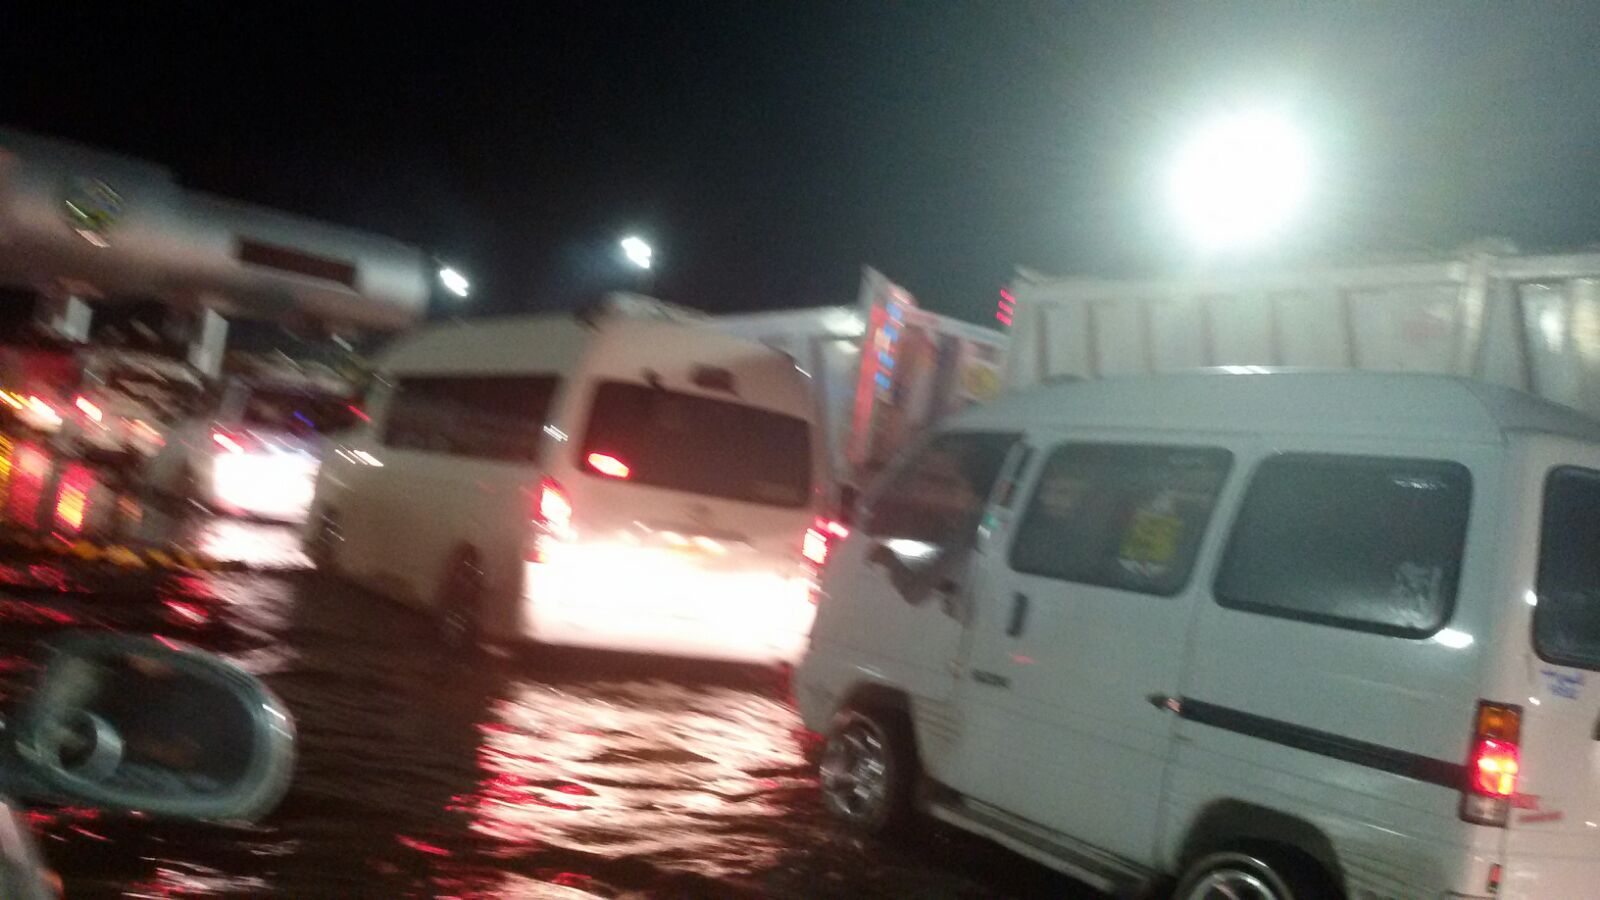 بالصور.. غرق «بوابات إسكندرية» ع الصحراوي.. وبطء حركة المرور